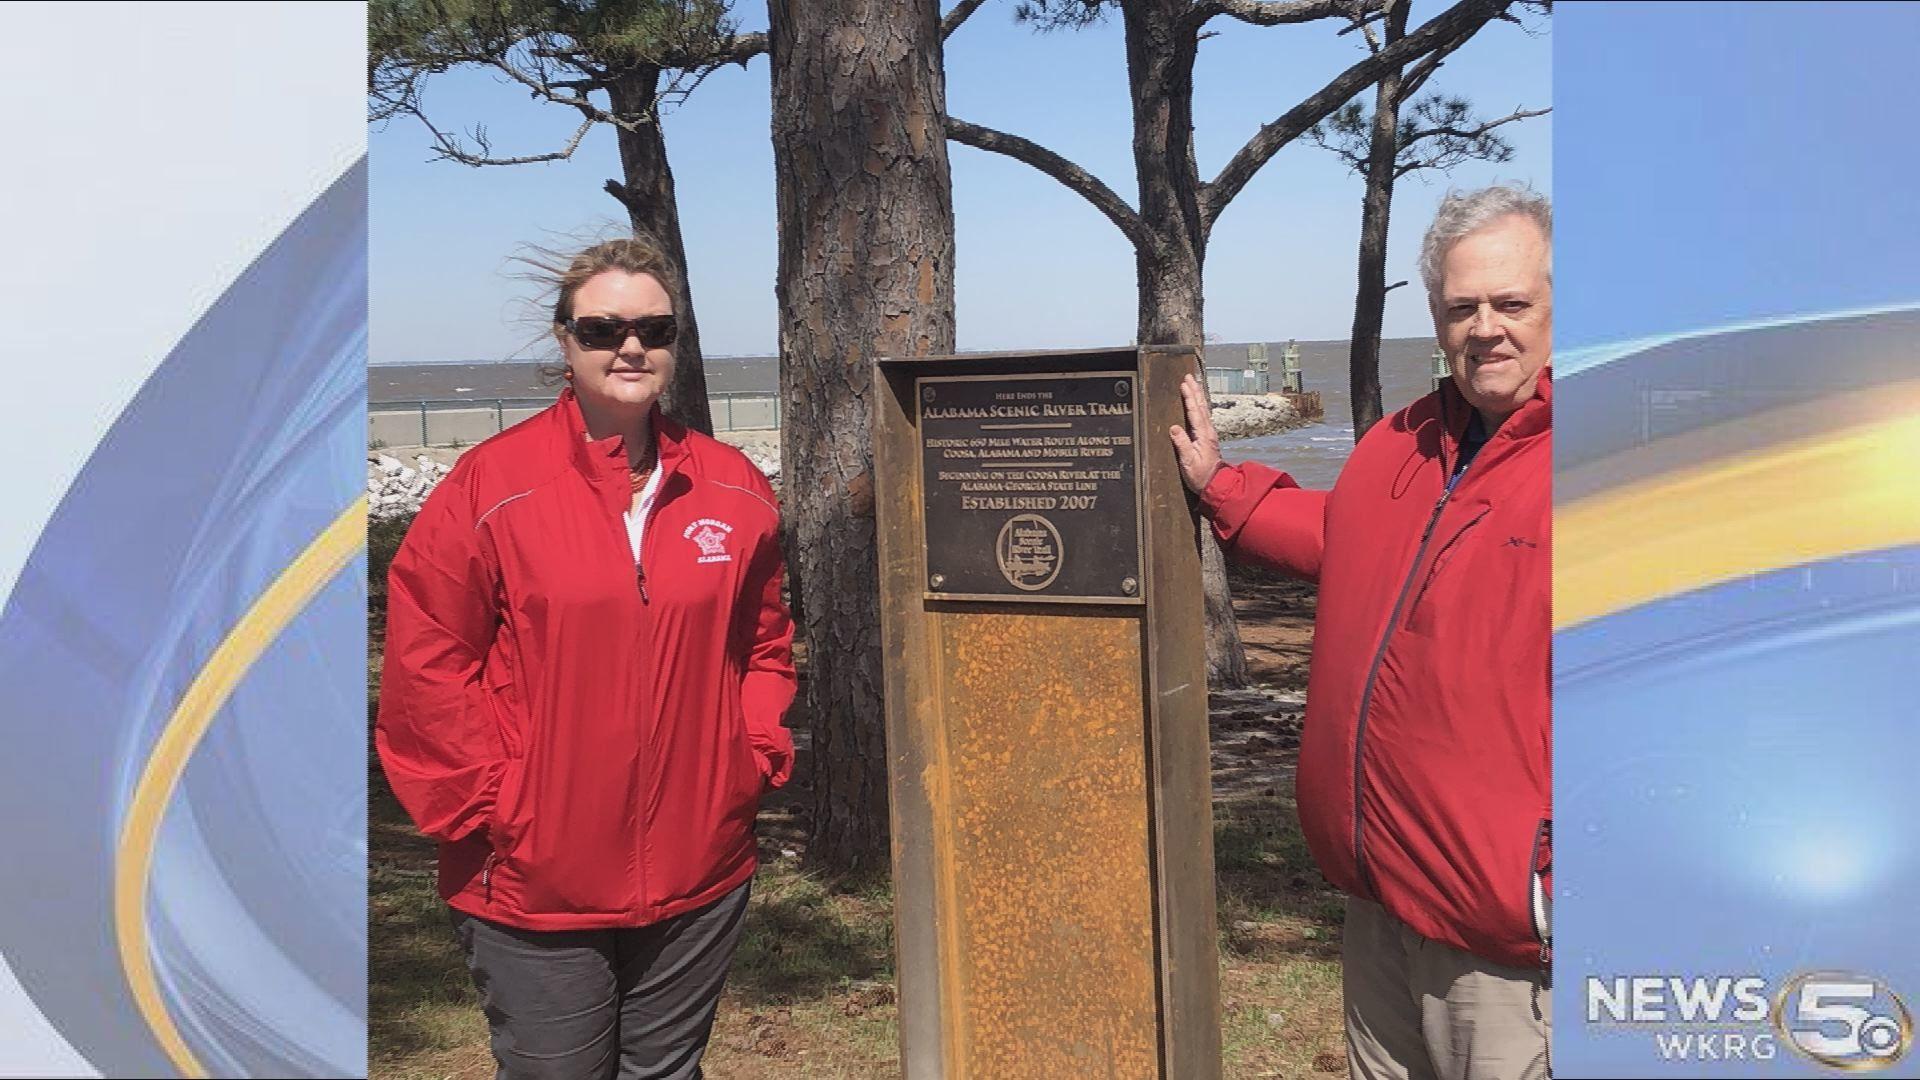 Fort_Morgan_sign_marks_end_of_Alabama_Sc_0_20190203113235